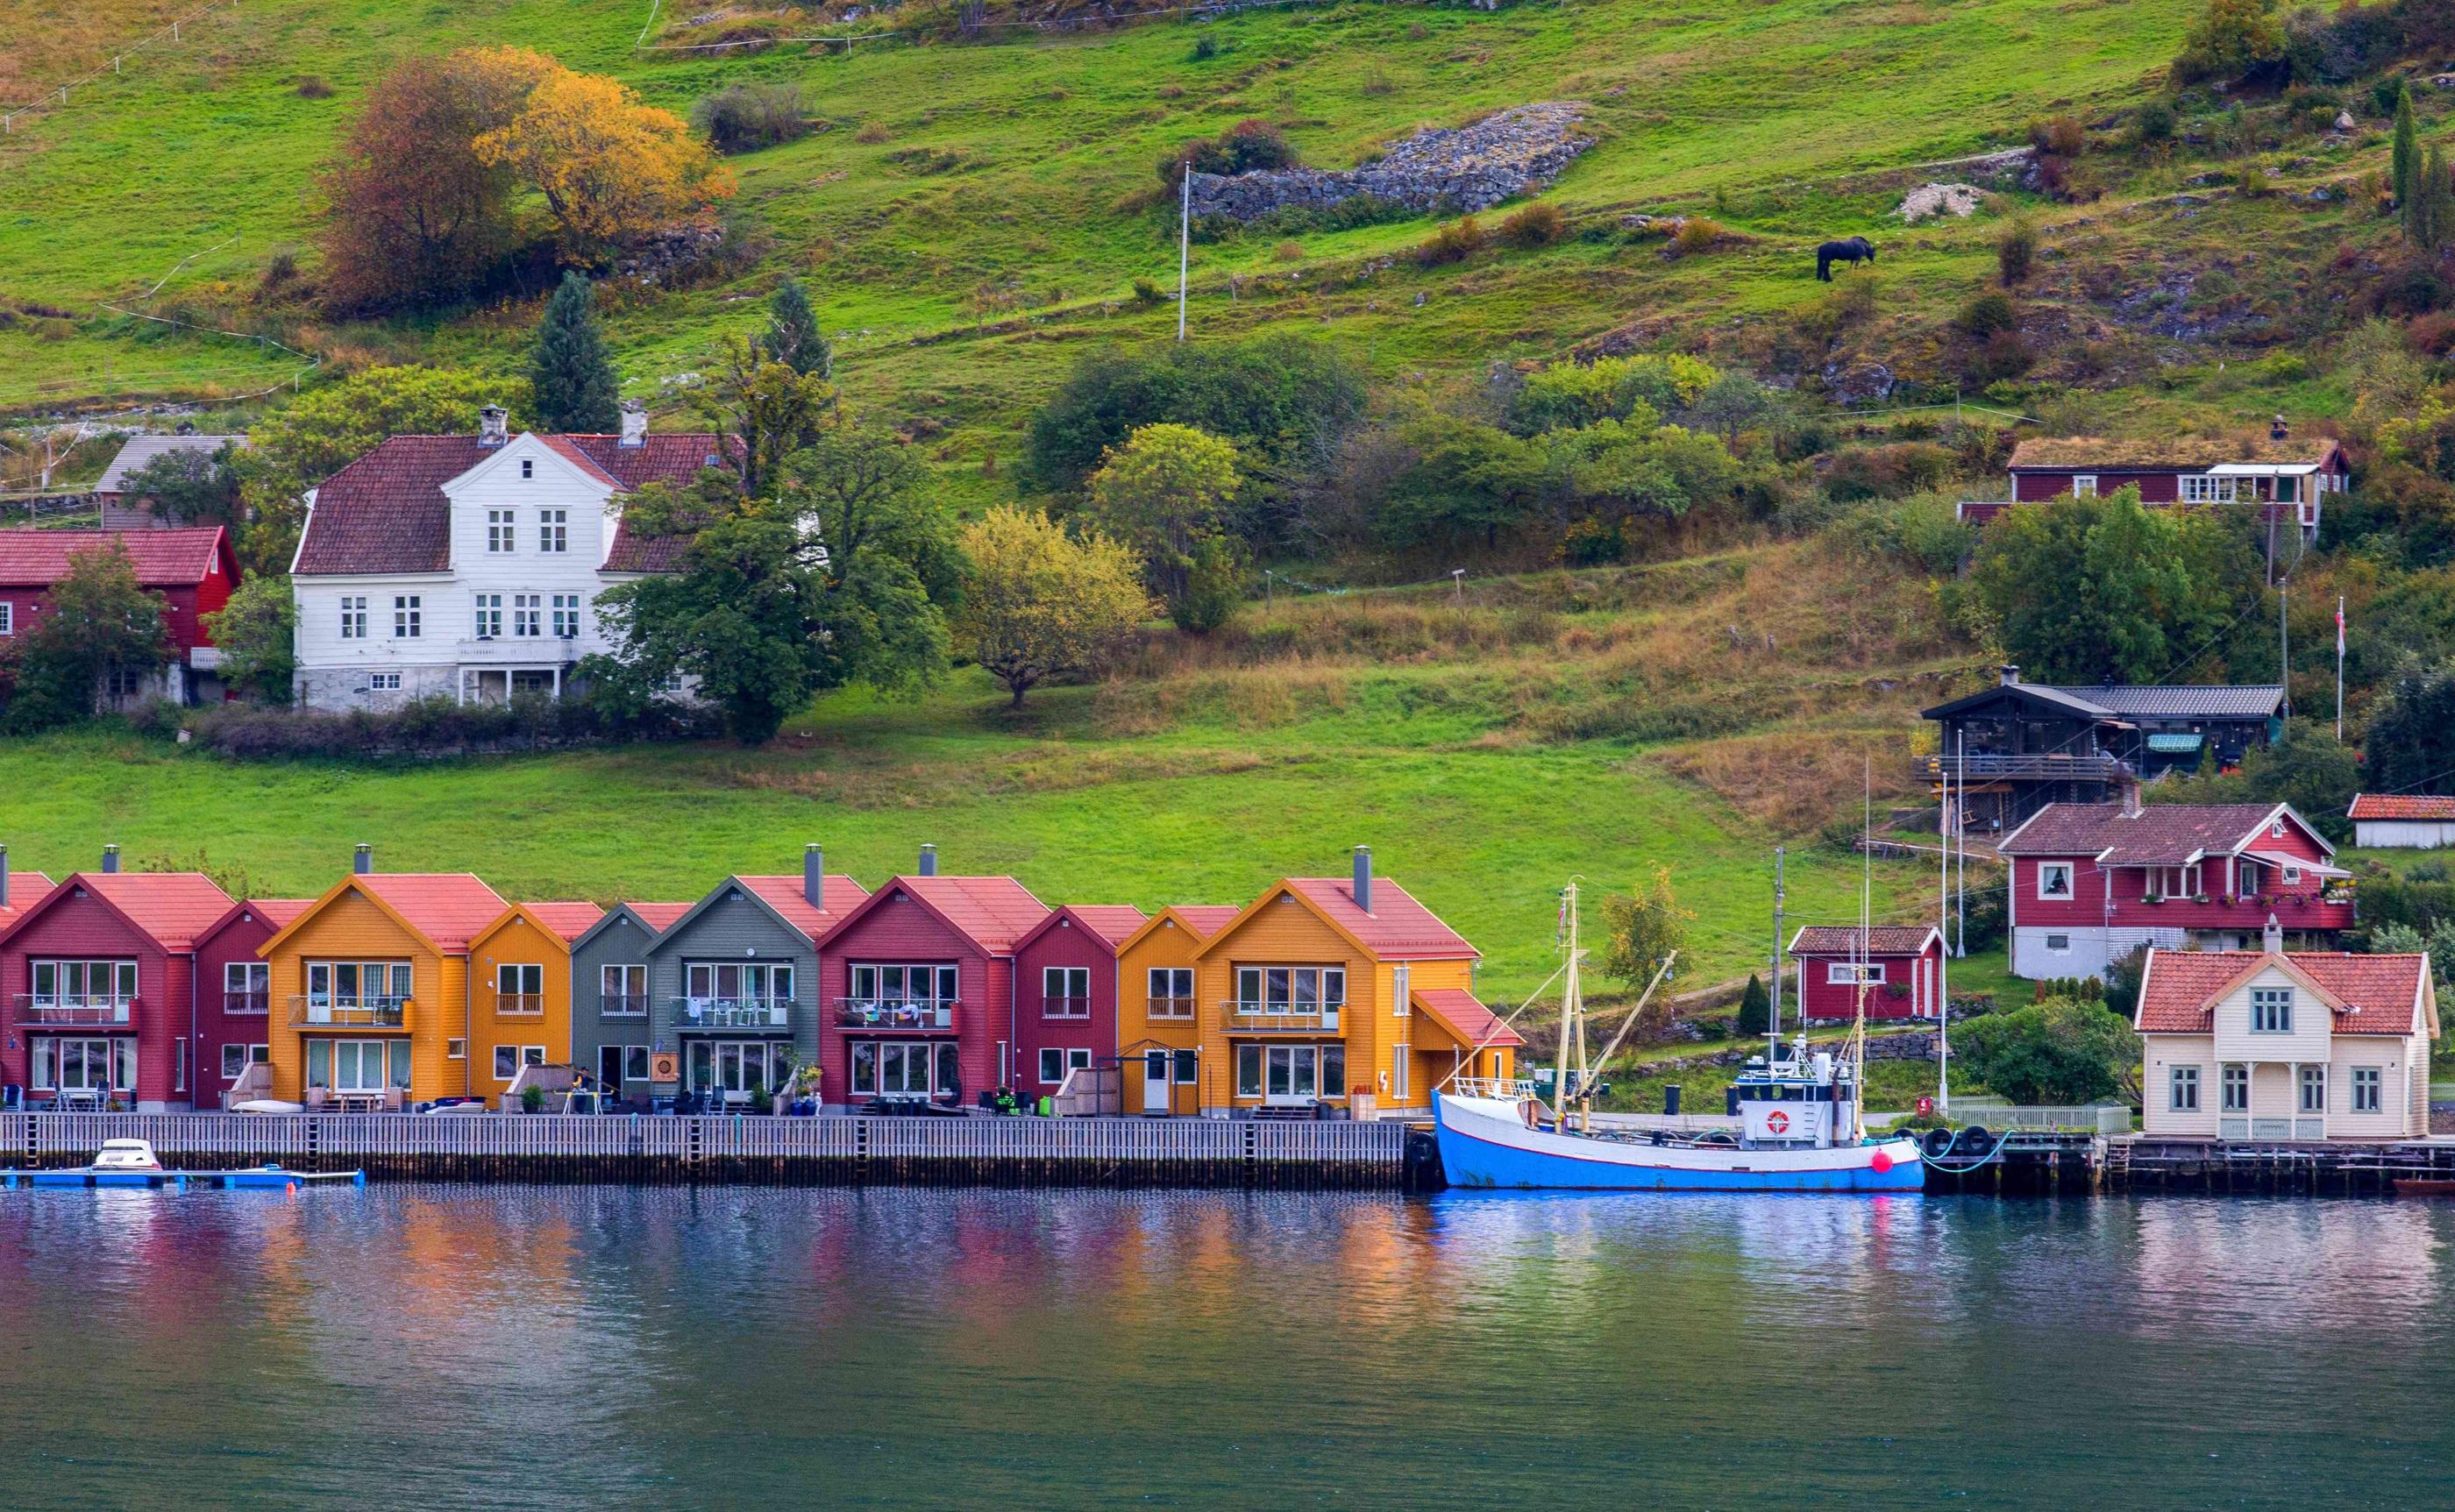 Обои для рабочего стола Норвегия Port de Kaupanger Залив Пристань Здания Города Пирсы залива заливы Причалы Дома город